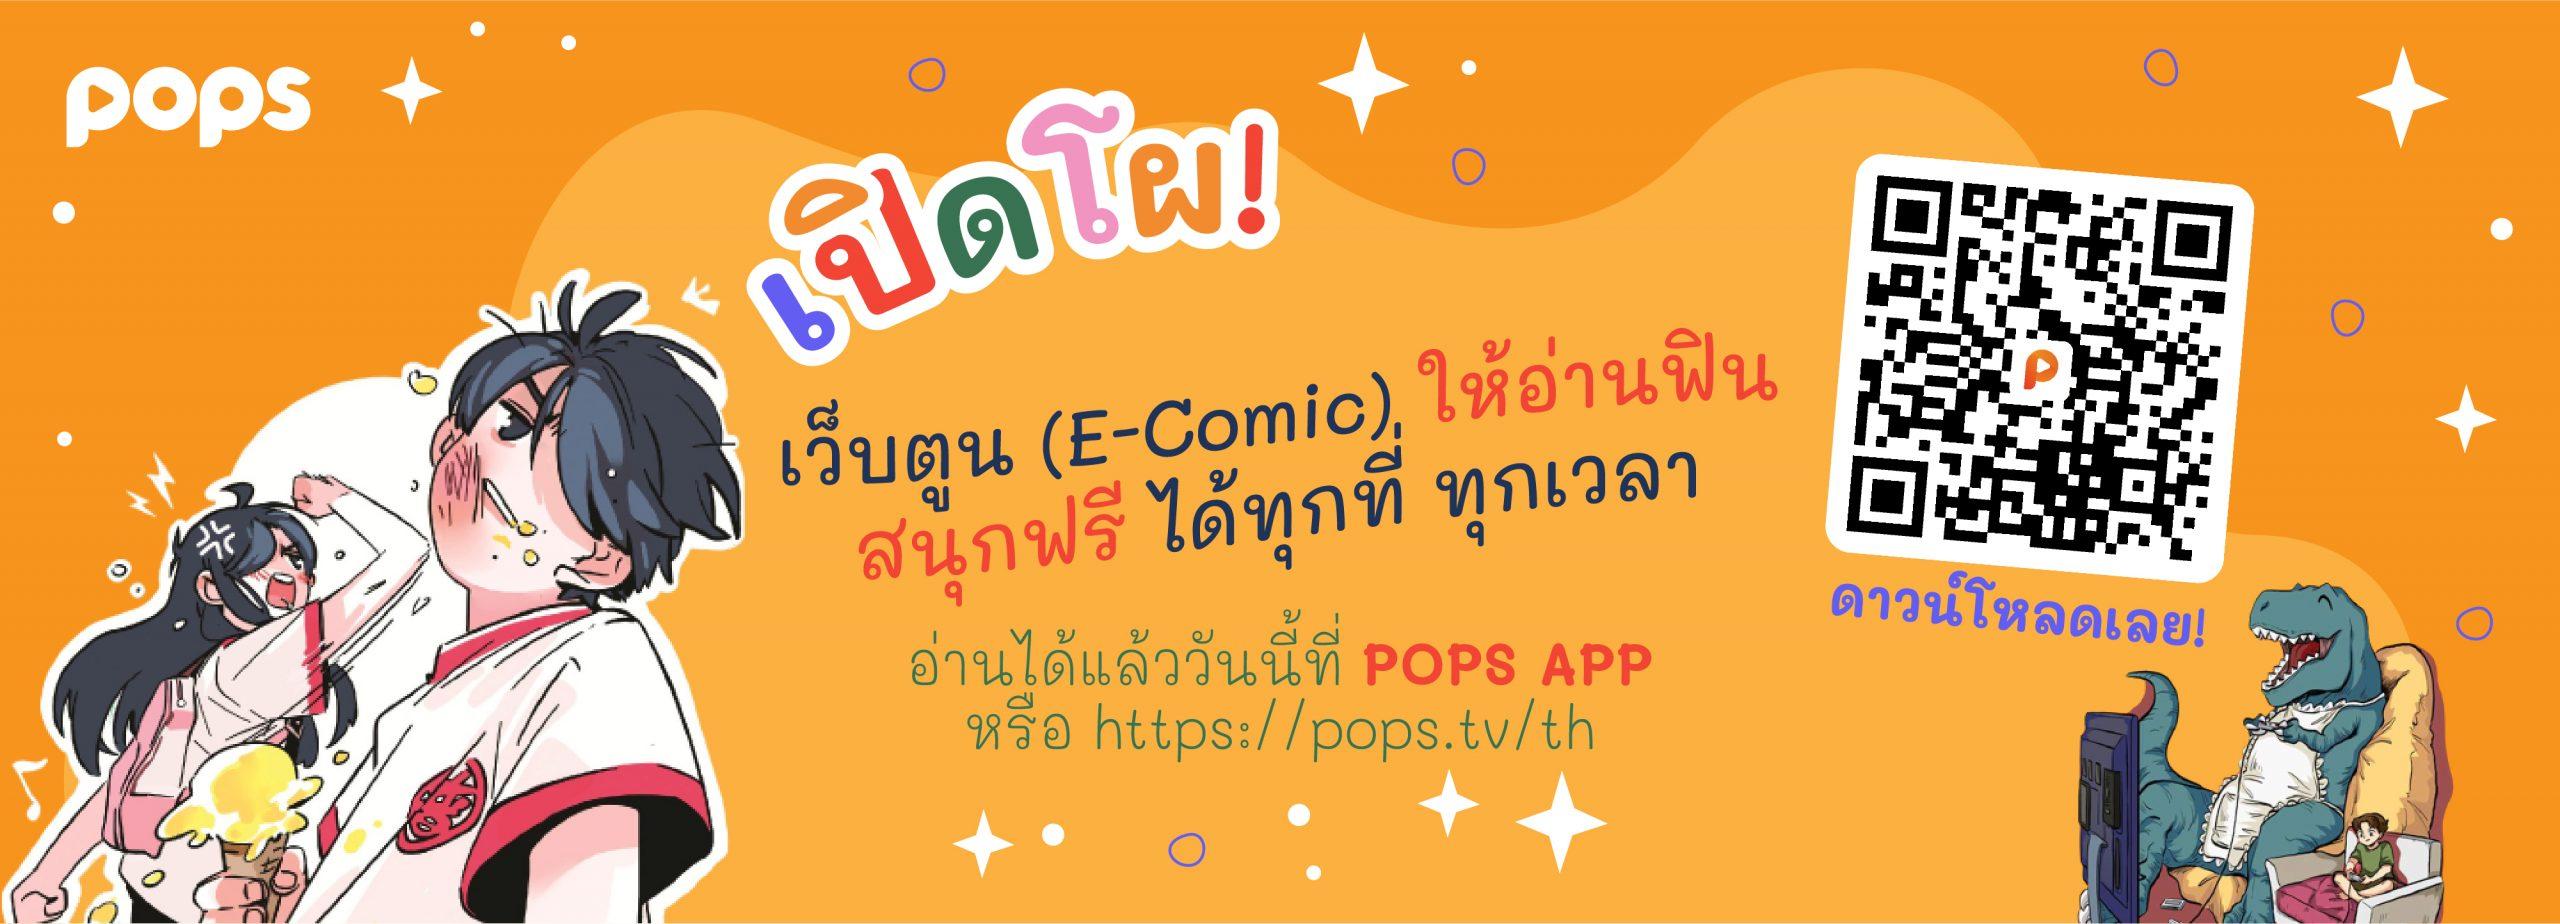 E-Comic POPS เว็บตูน